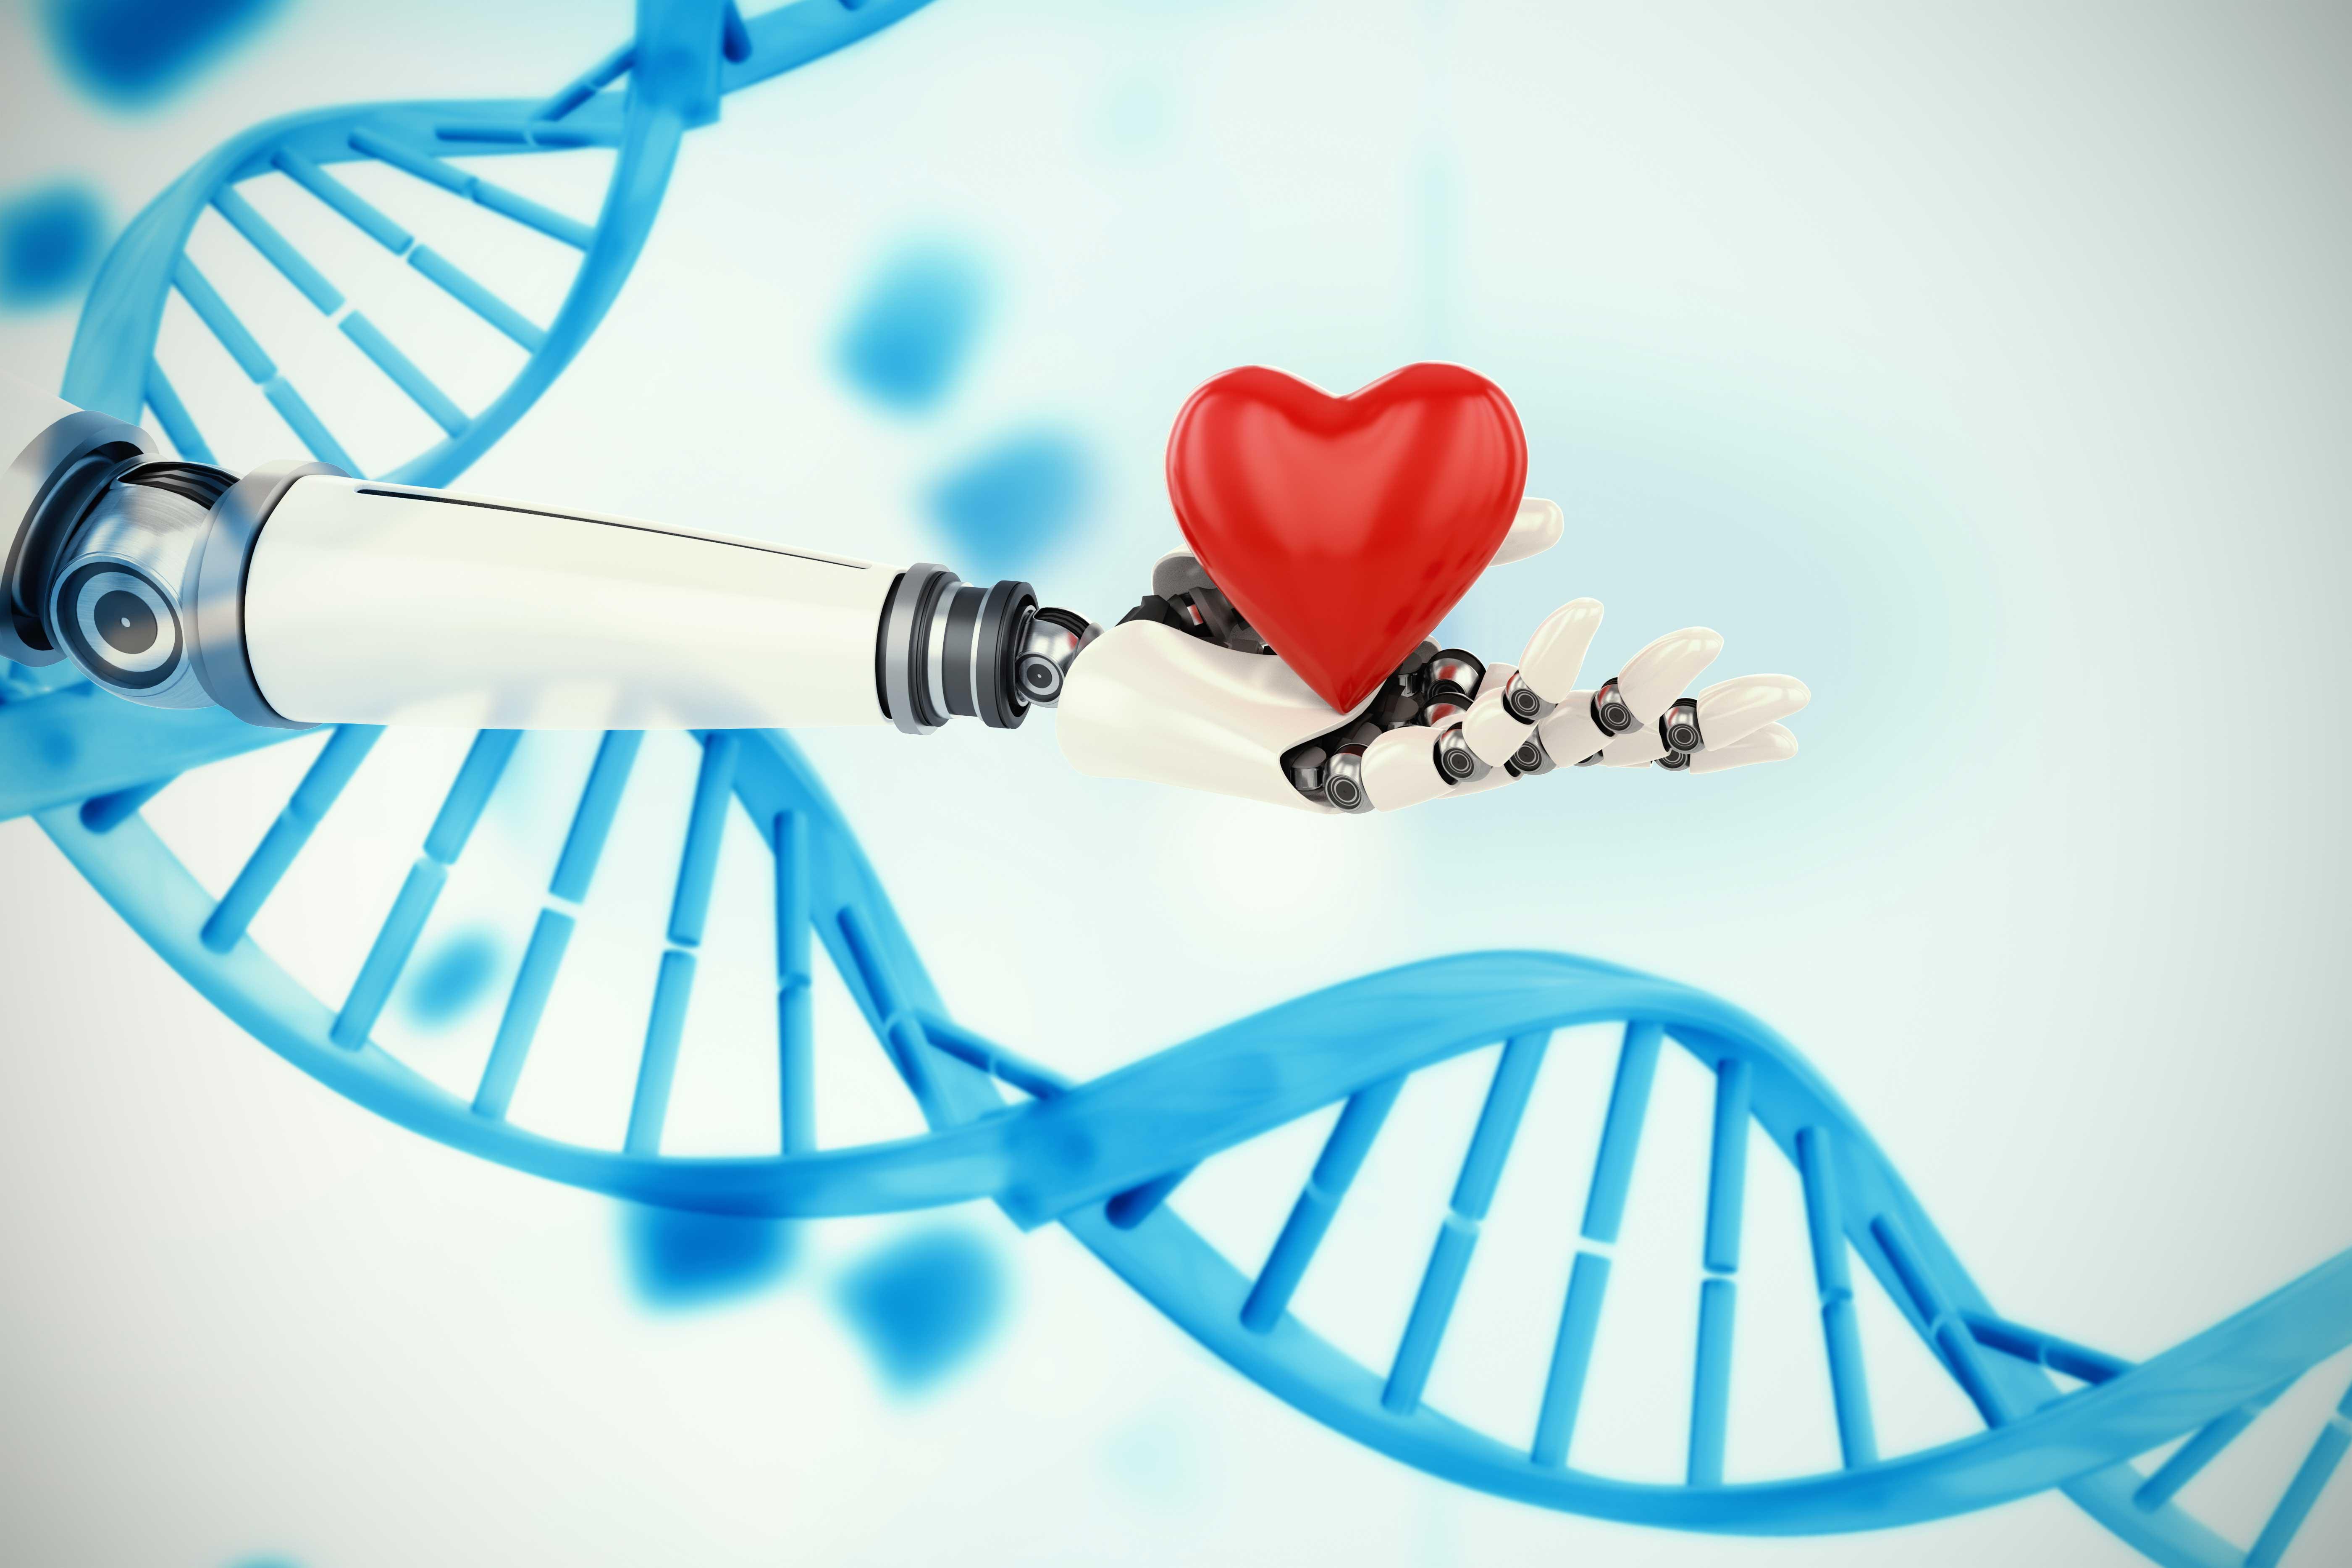 基因行业万亿蓝海虚位以待,诚邀您共享基因健康财富